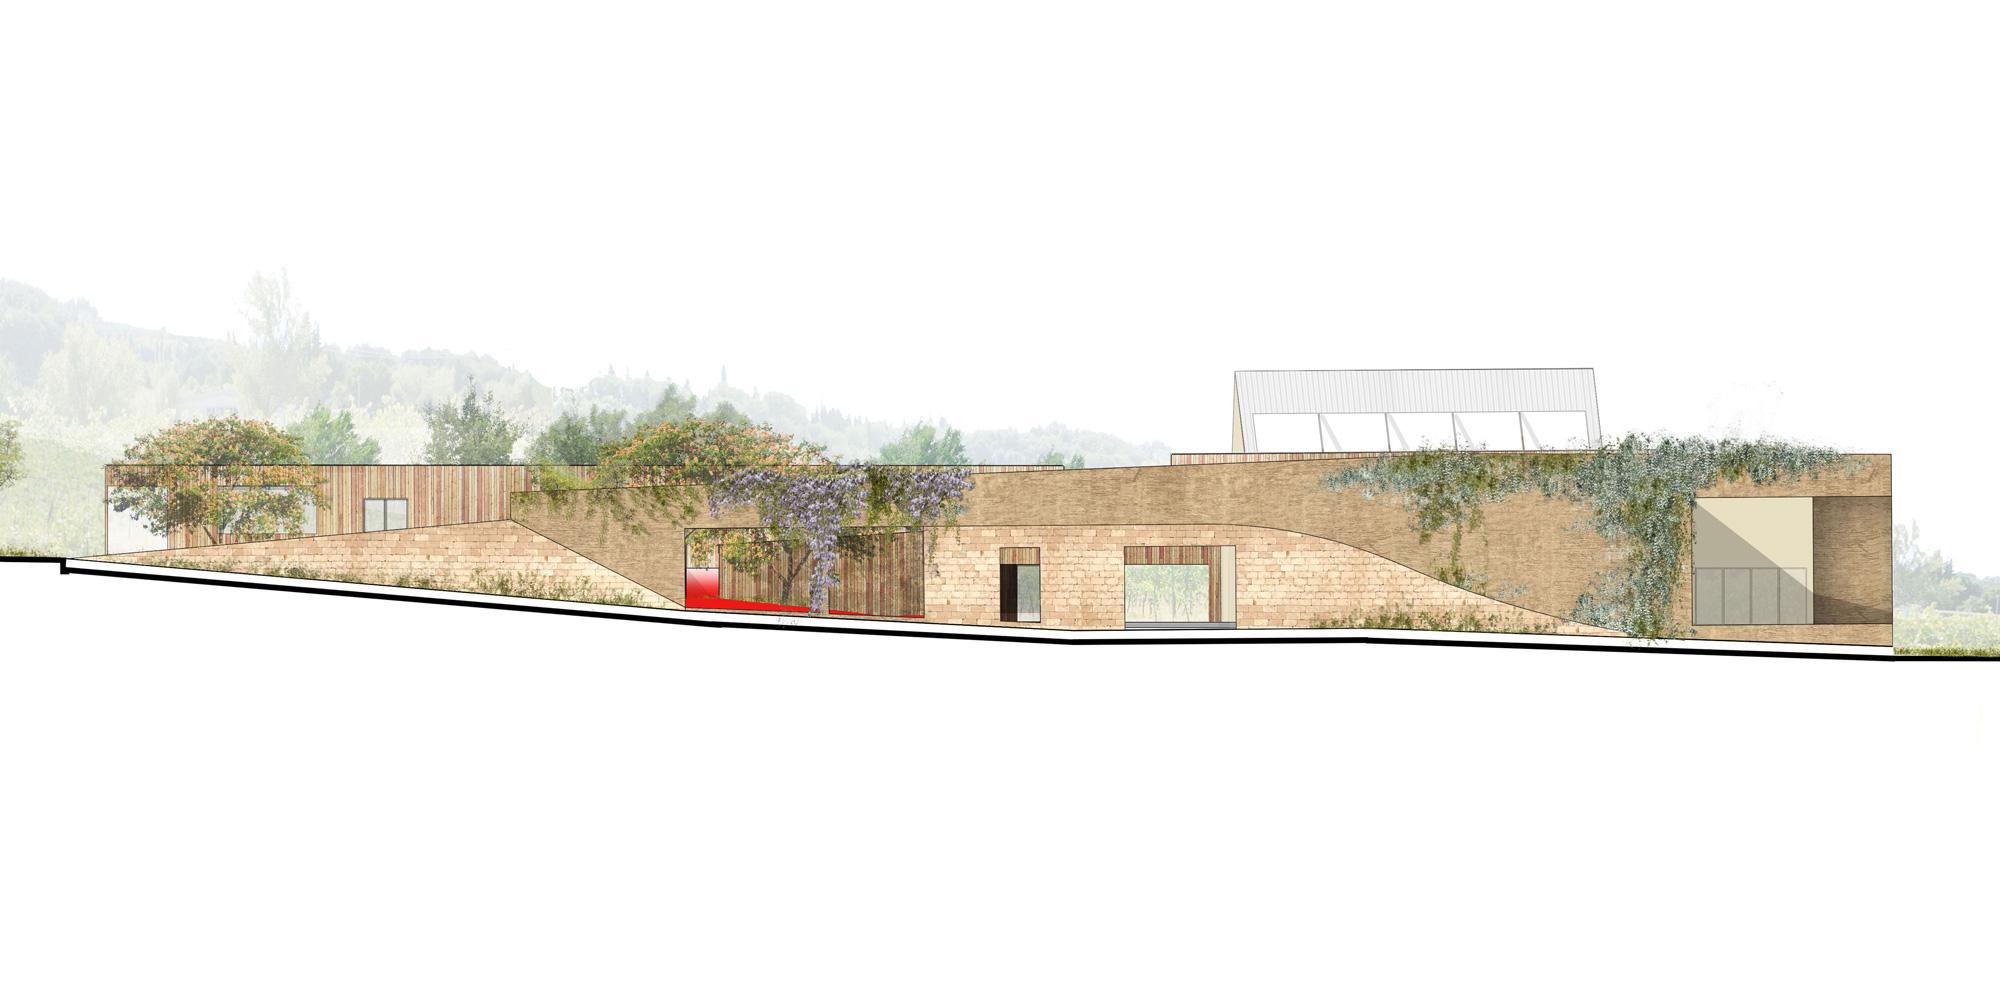 Laboratorio di Architettura Semerano/Toti Semerano |